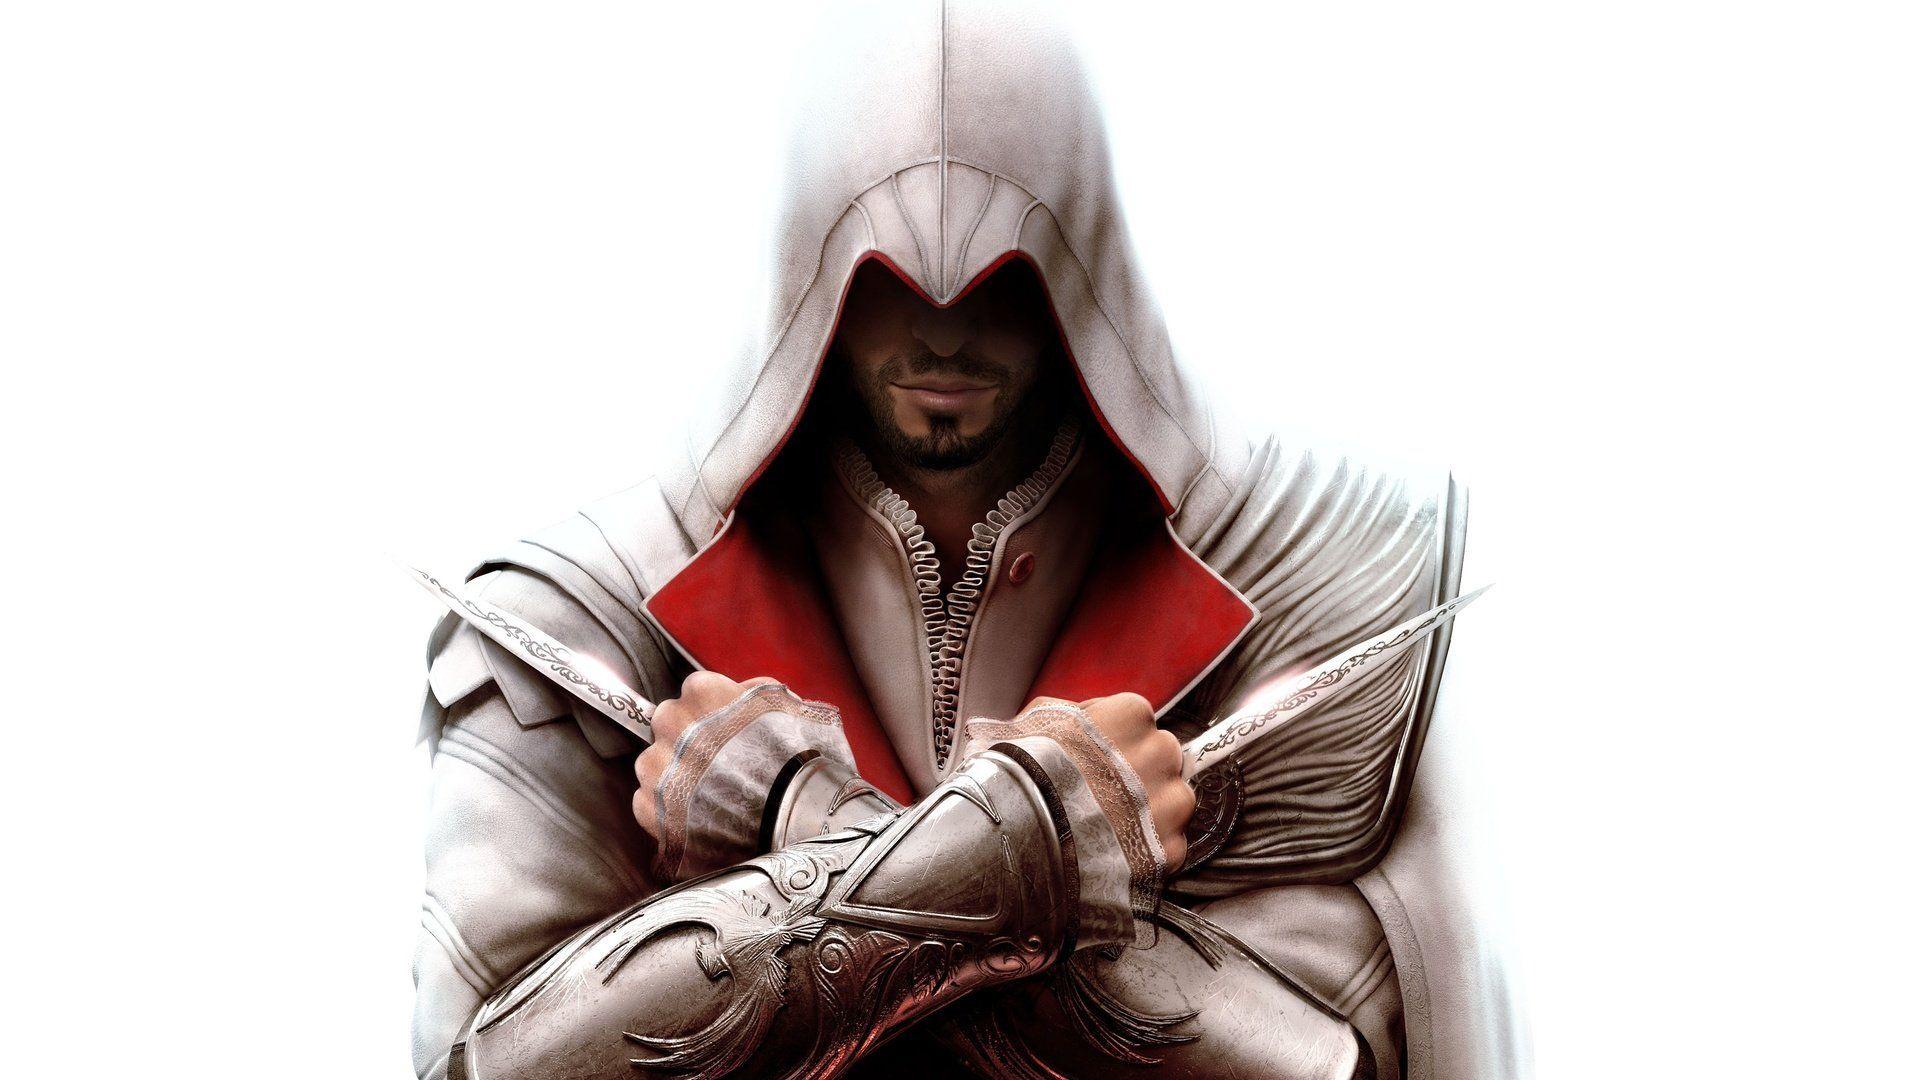 Assassin Creed Ezio Wallpaper 2